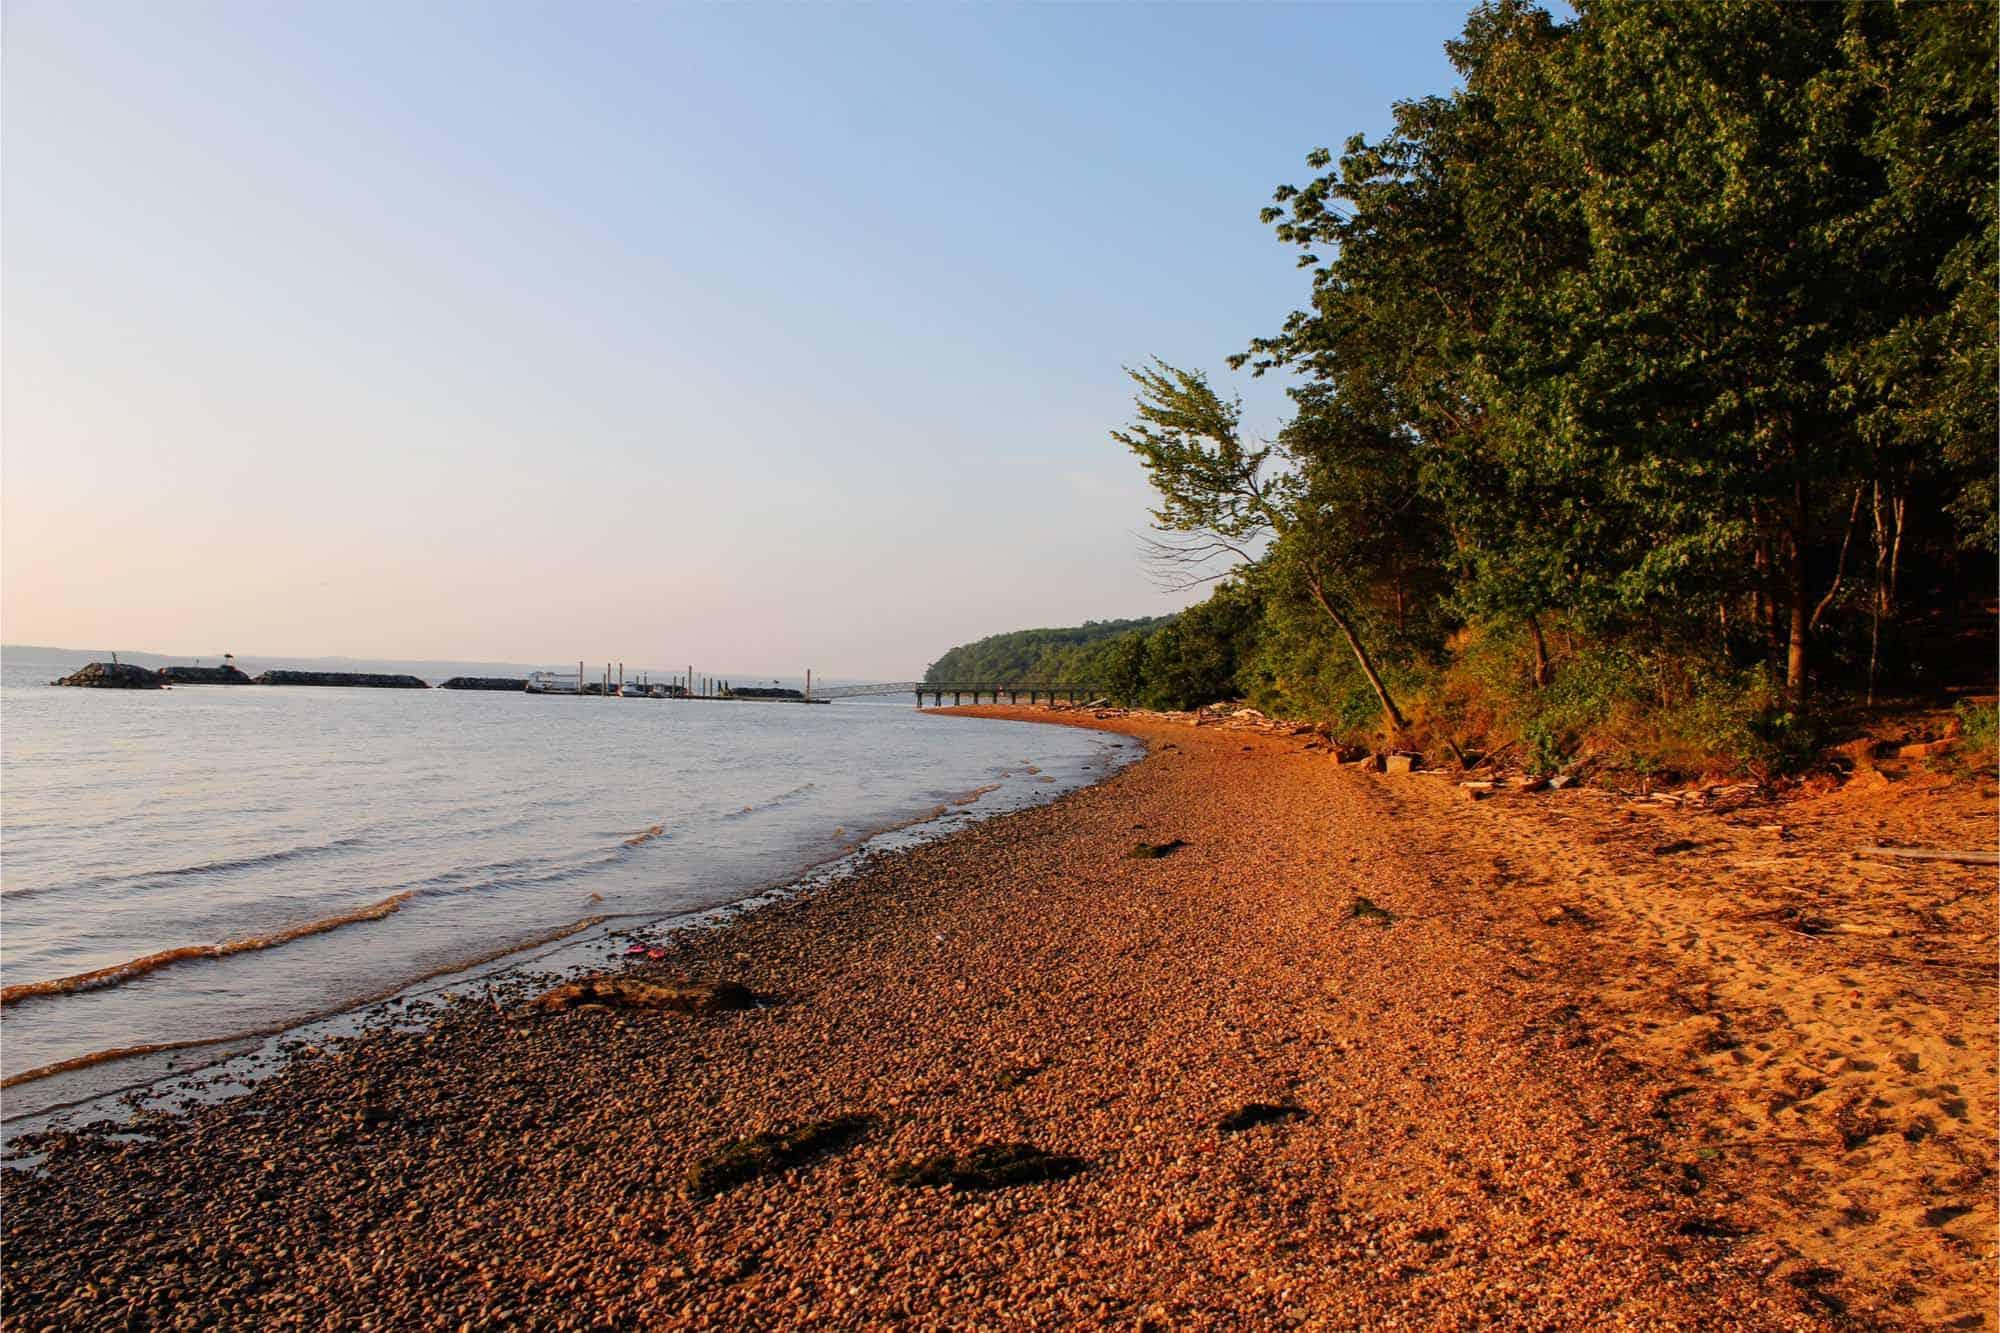 Trees along gravel beach